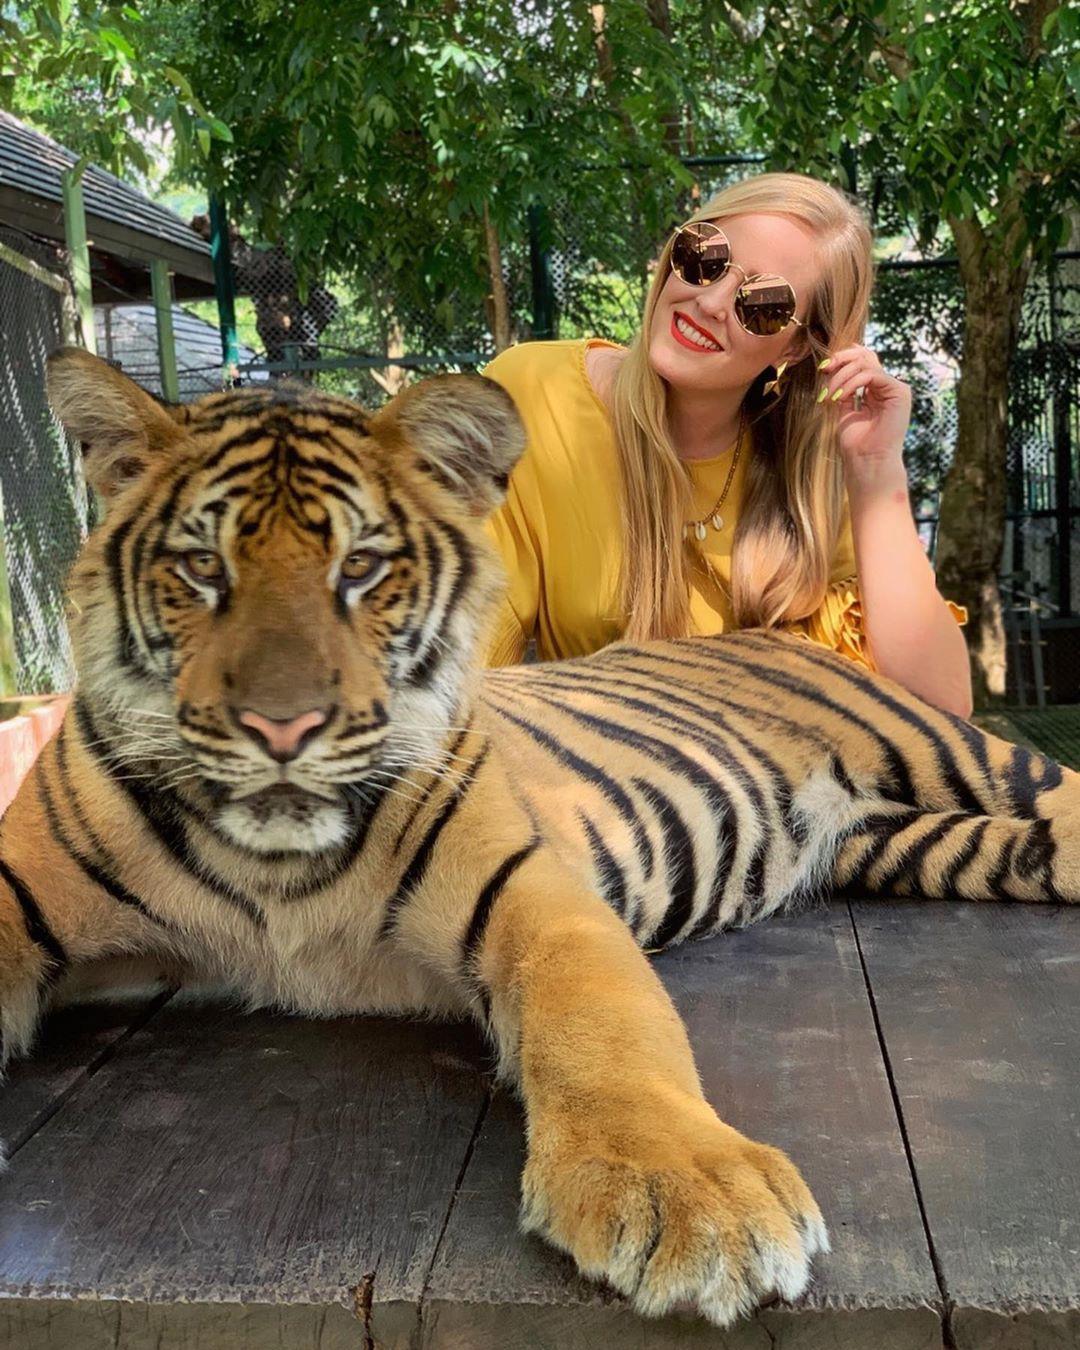 Tới Thái Lan, ghé nơi hổ đi lại nhởn nhơ trước mặt du khách Ảnh 4